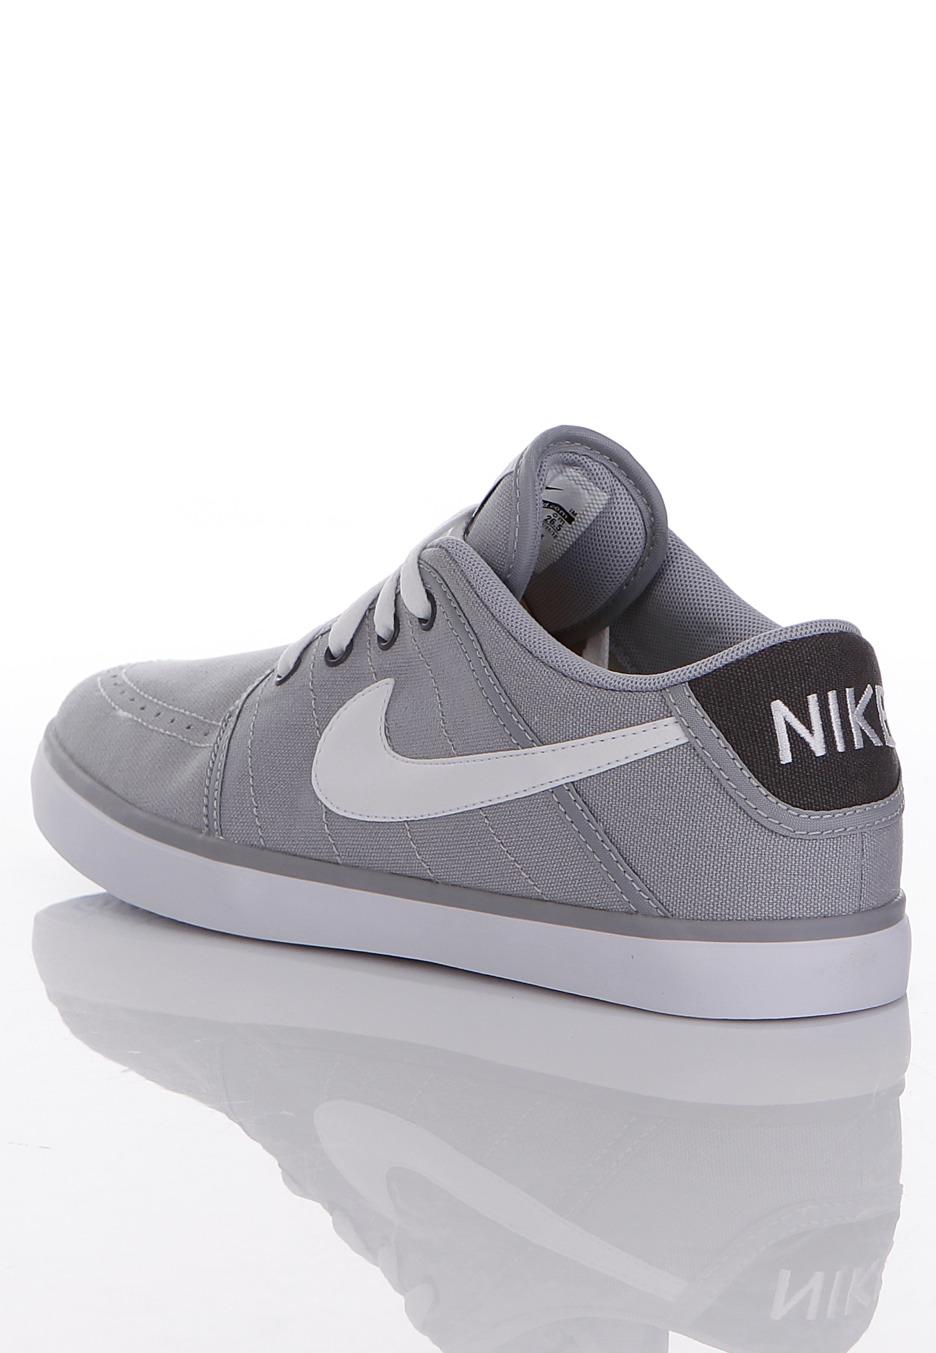 Nike - Suketo Wolf Grey White - Shoes - Impericon.com UK 5a072ec3ce26